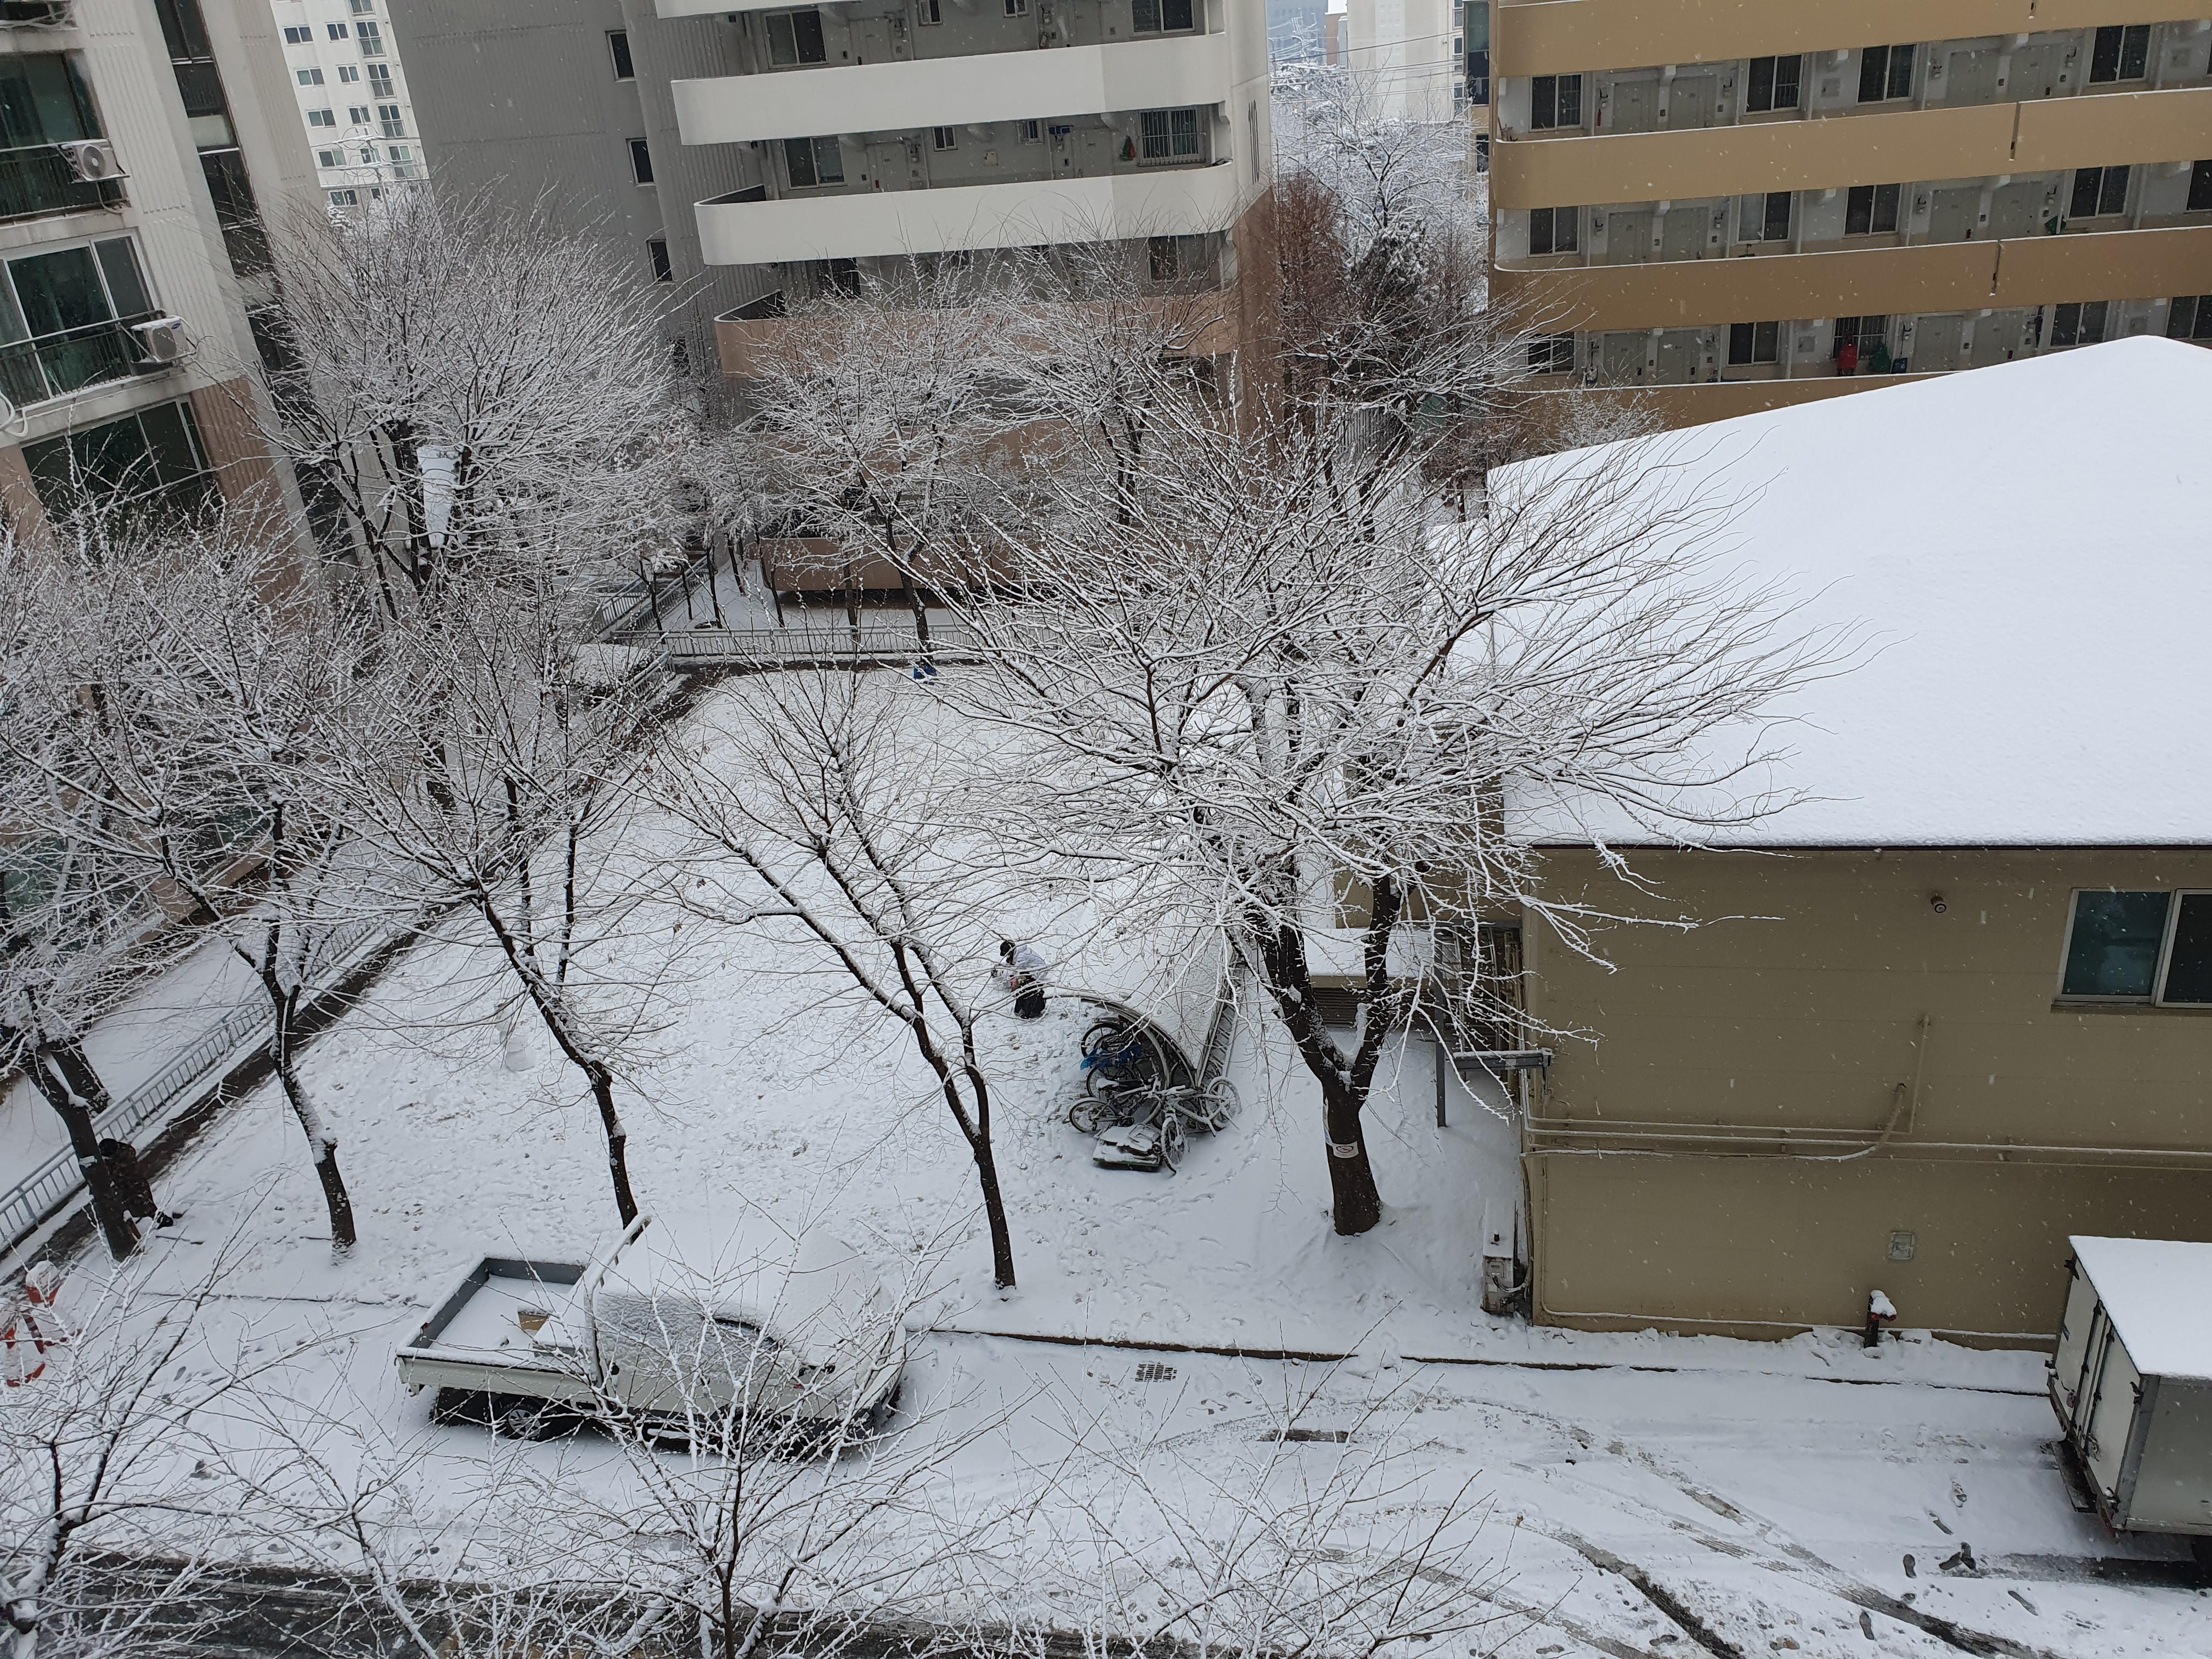 두번째로 눈이 많이 왔을 때 찍은 사진(2021.1.12)